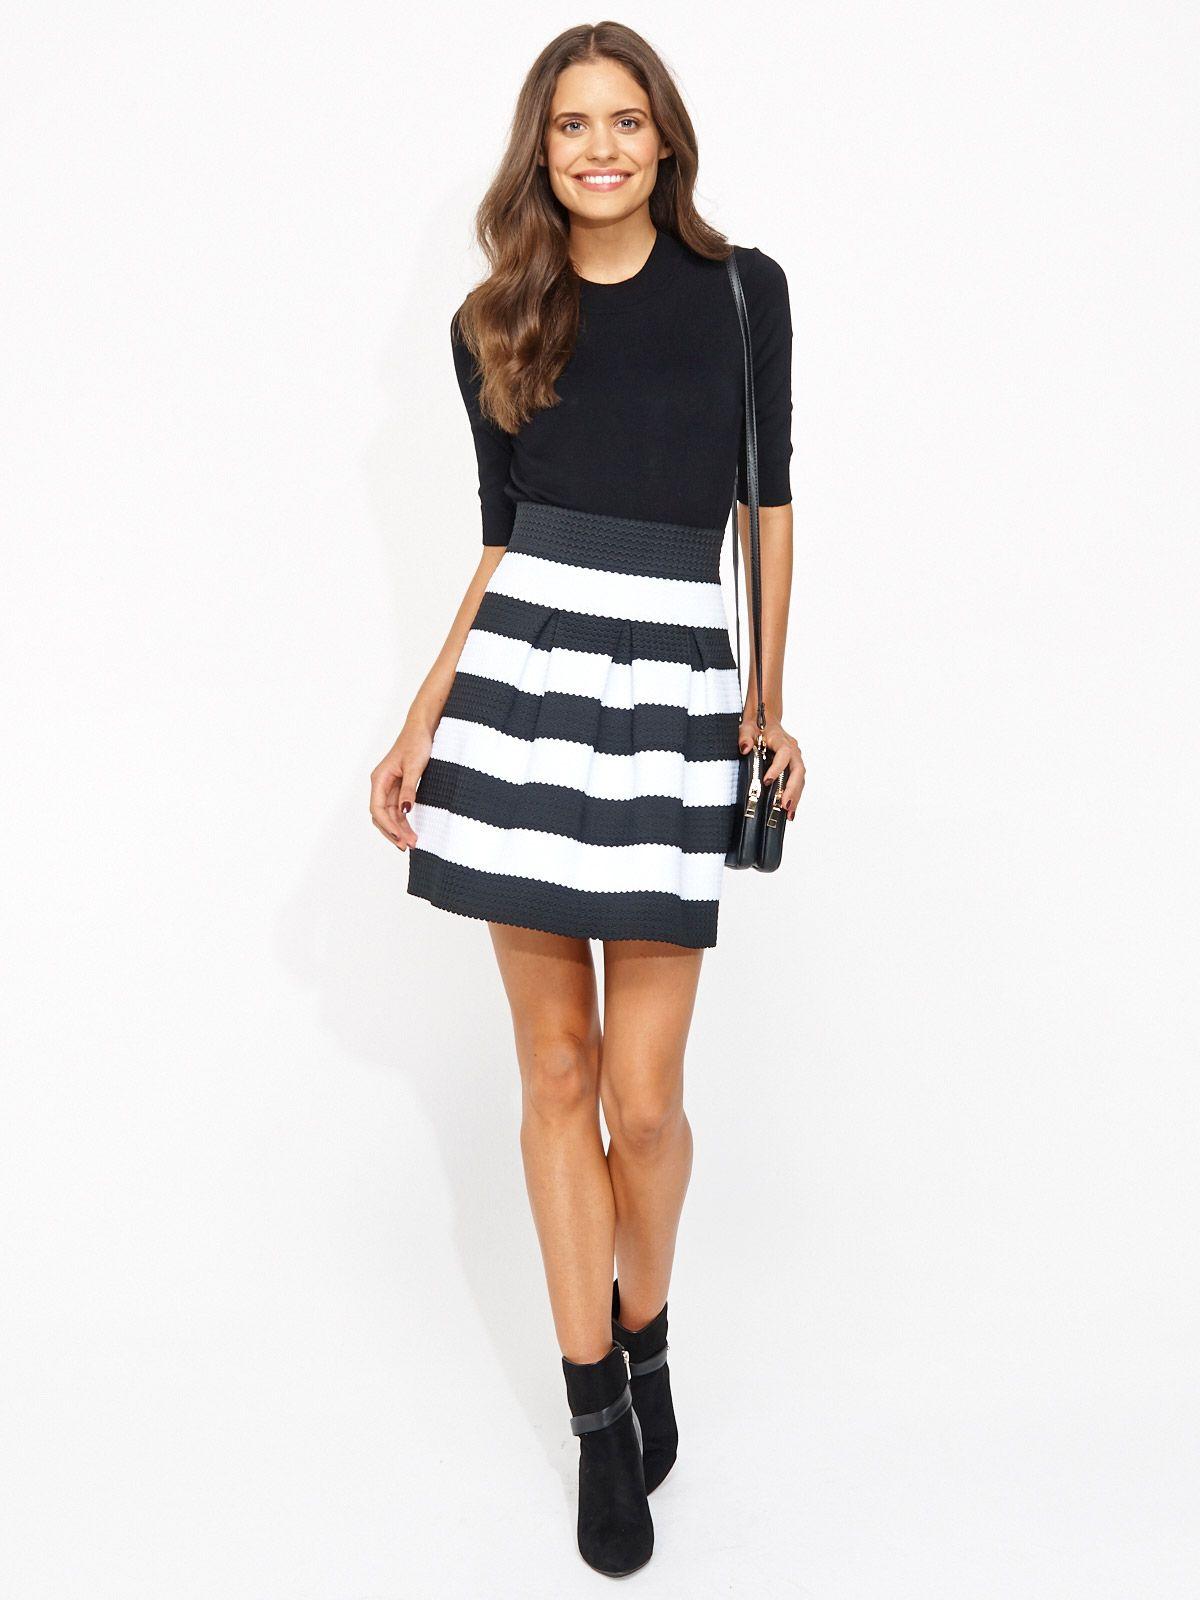 Bandage Elastic Skirt Portmans Black White Stripe Skirt Date